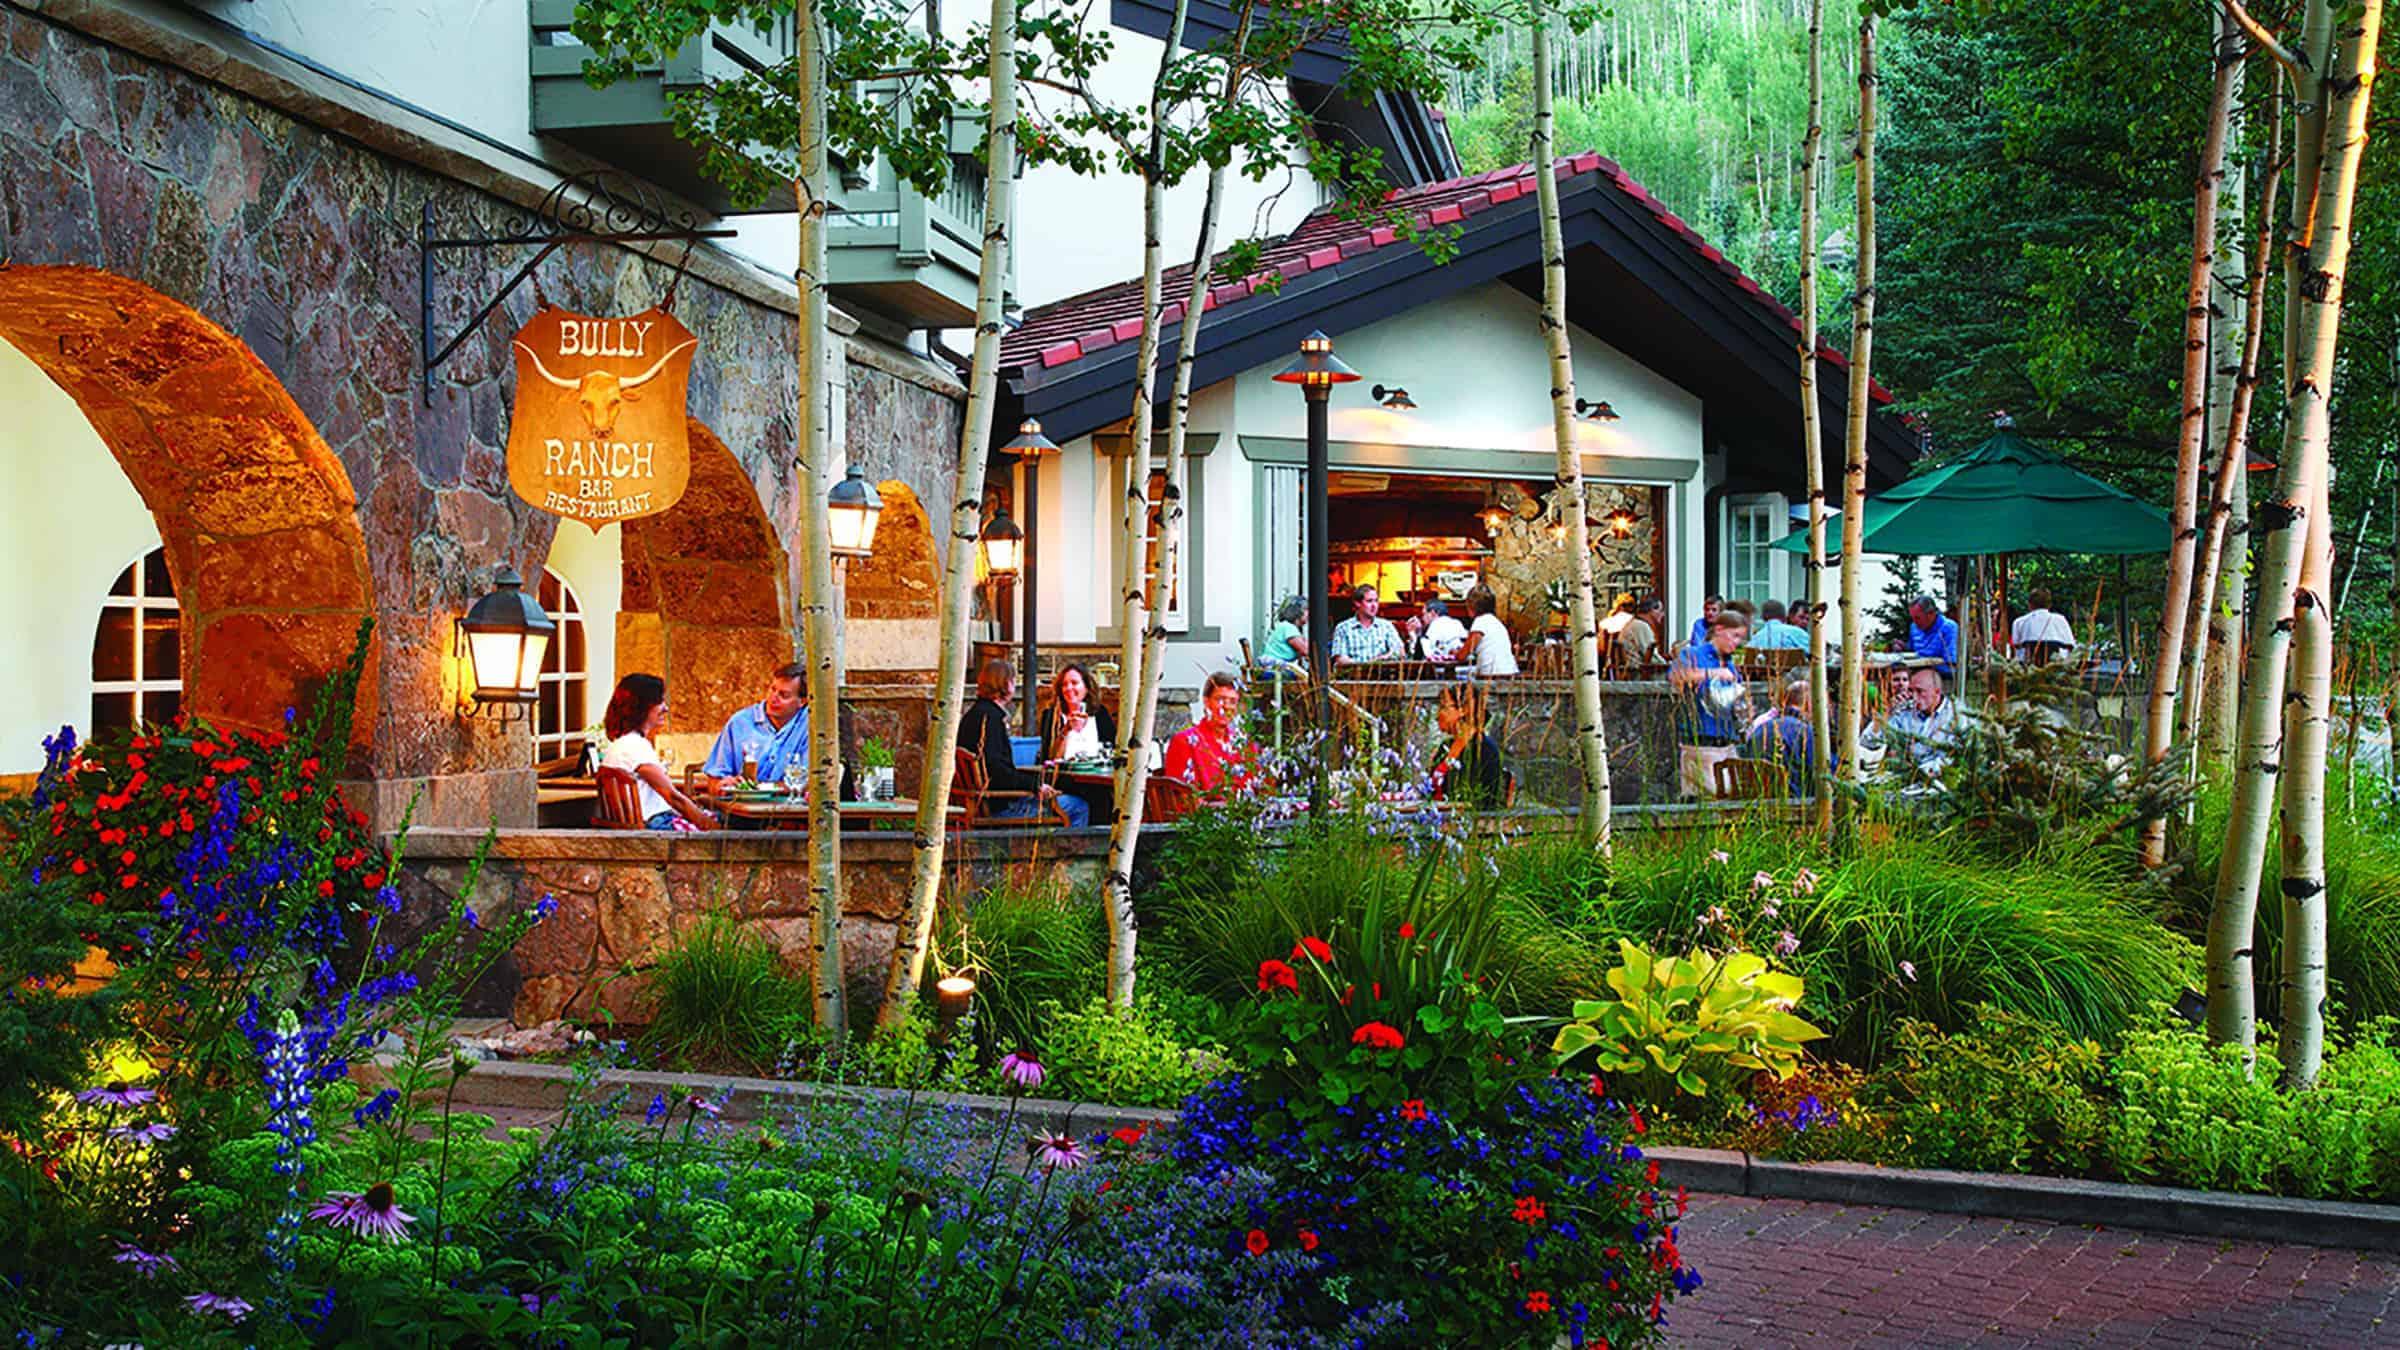 bully-ranch---patio_28769787632_o